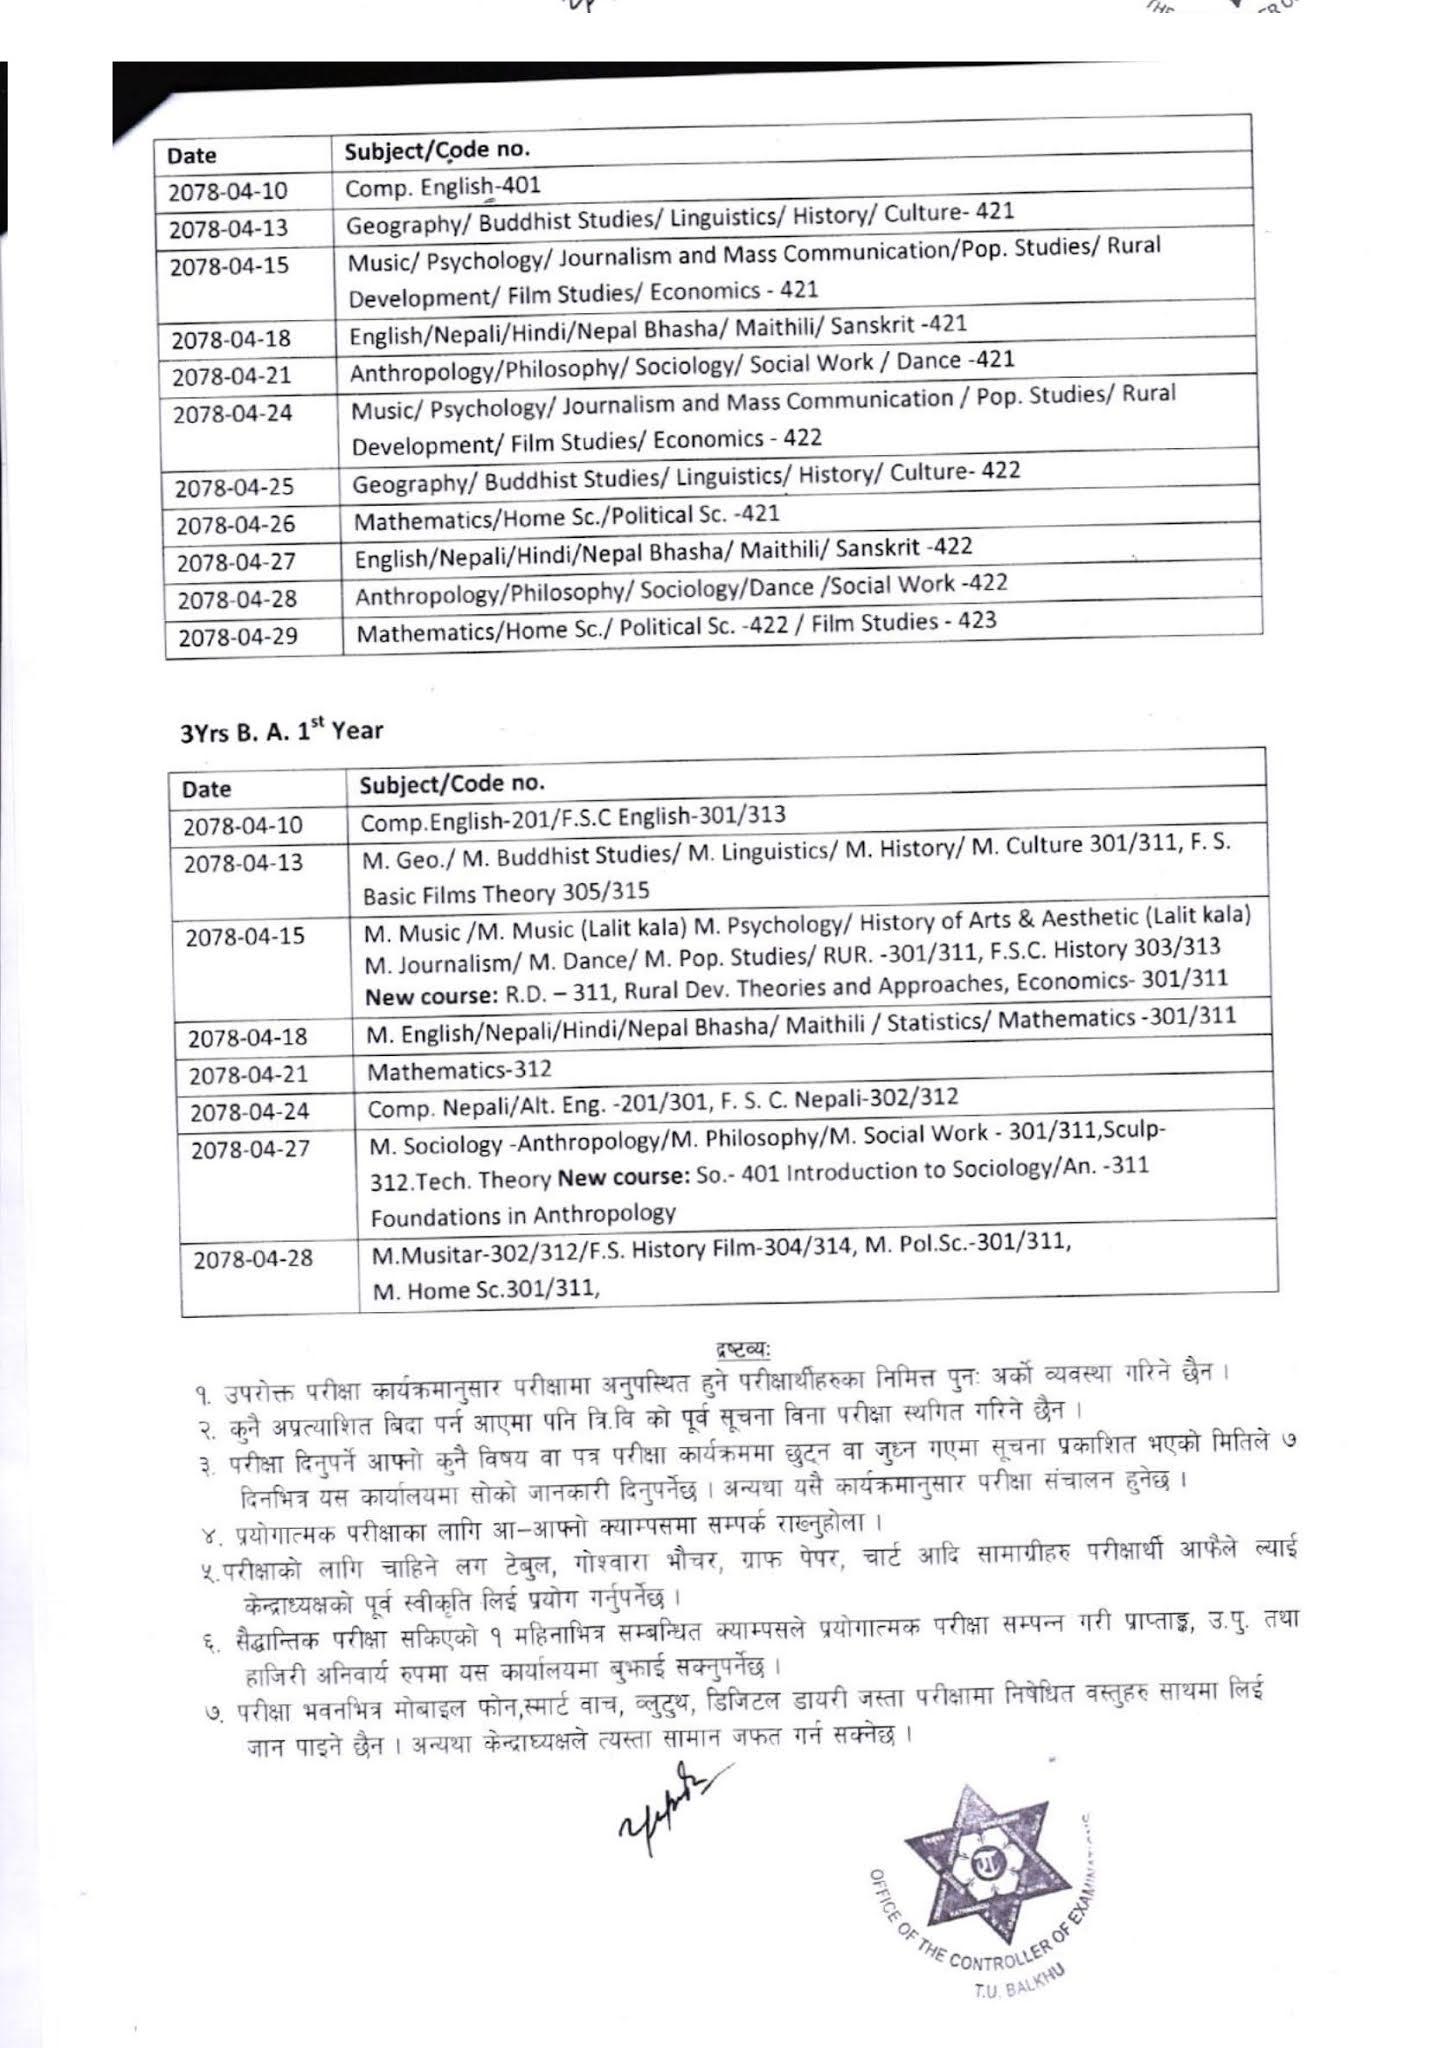 (Revised) Exam Schedule 4/3 Years B.Sc., B.B.S, B.Ed. & BA 1st Year - 2078